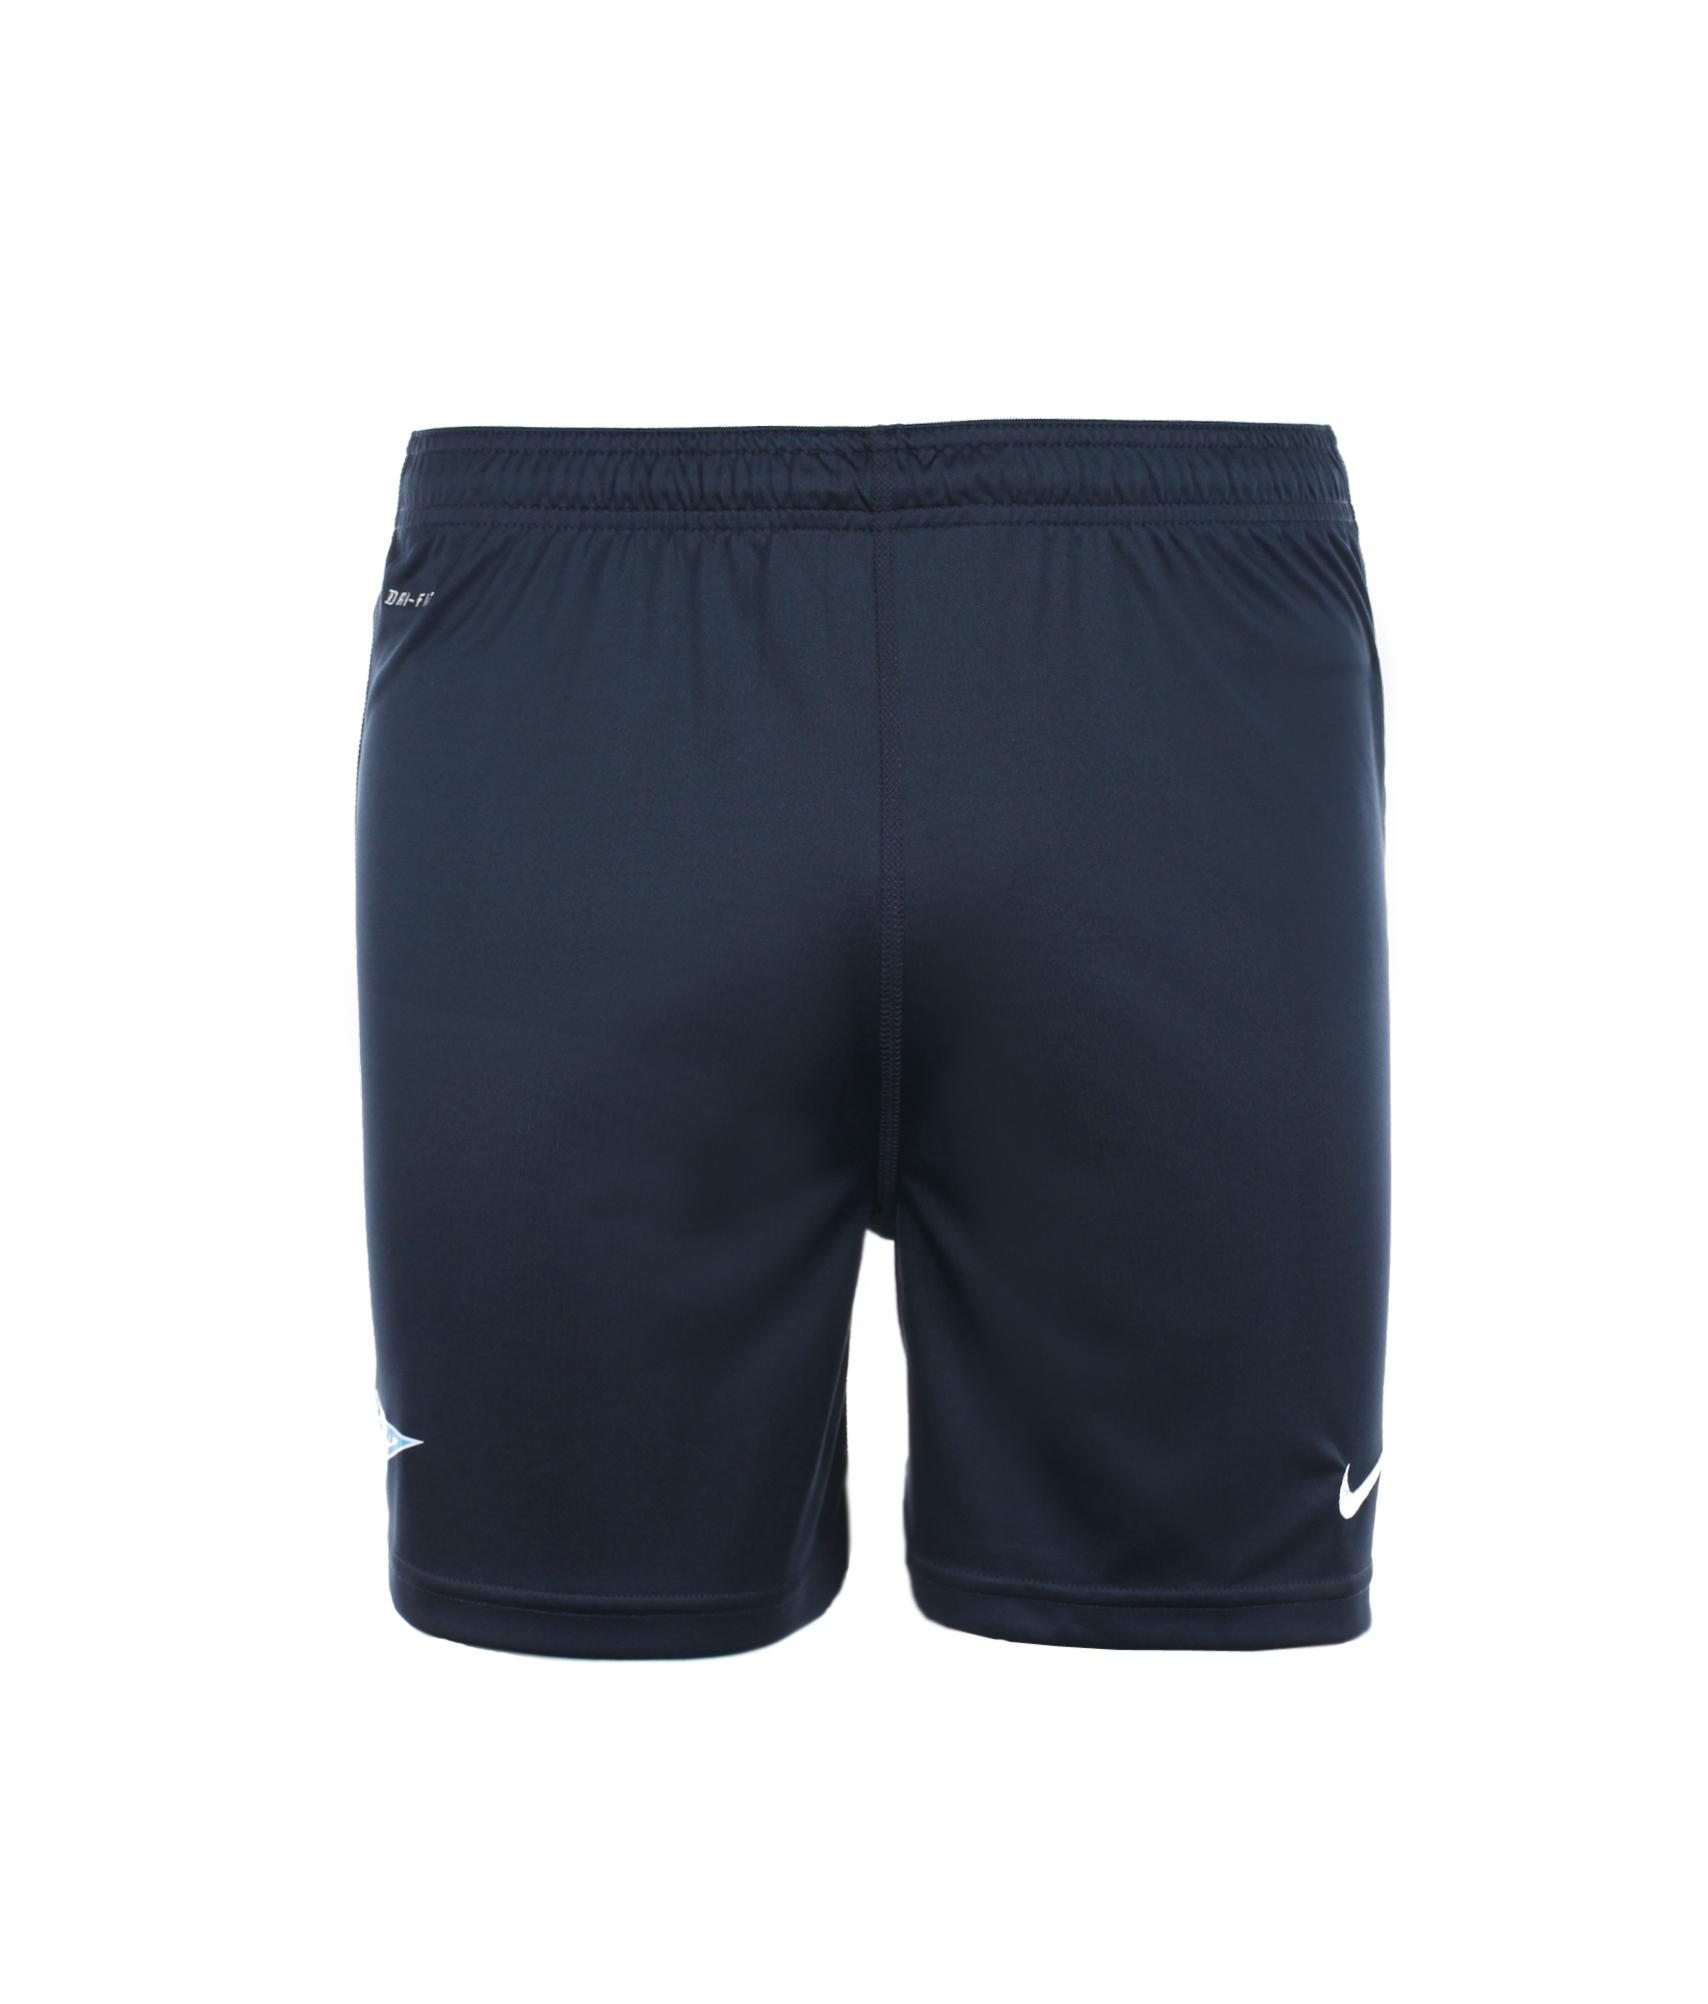 Шорты подростковые Nike SQUAD B KNIT SHORT, Цвет-Синий, Размер-S